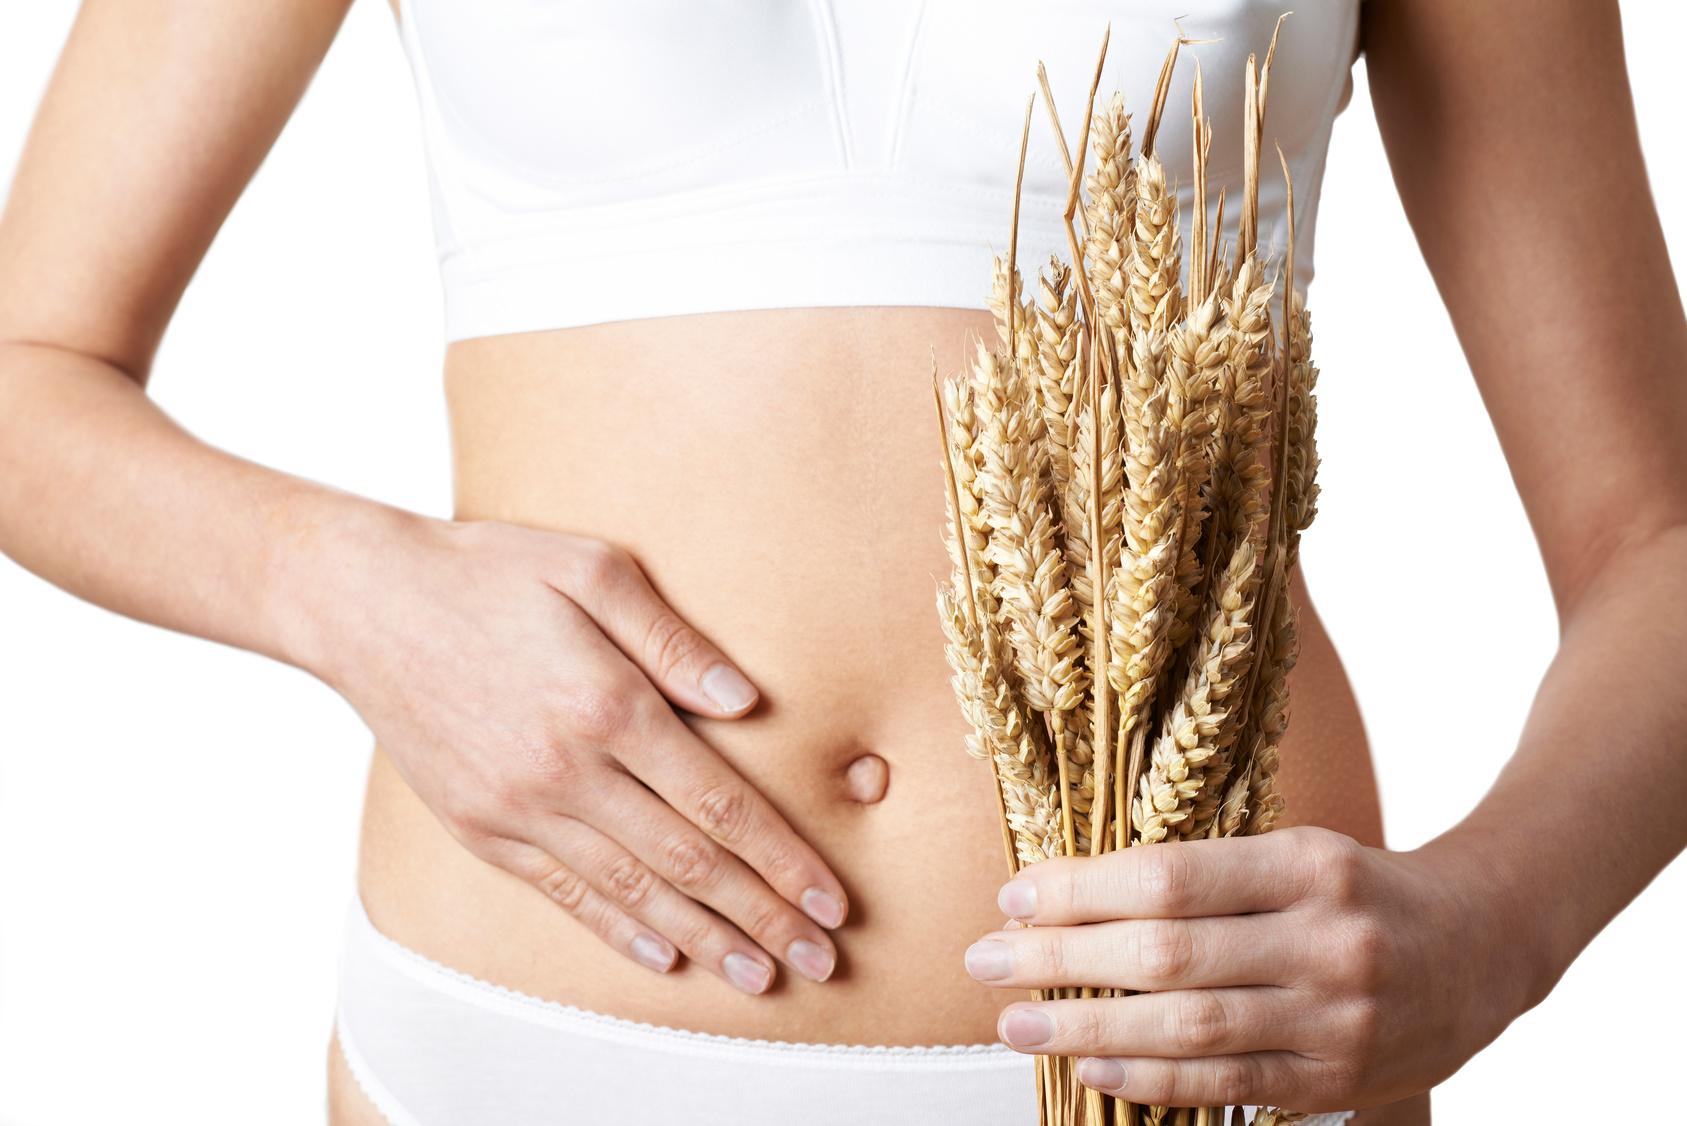 Celiakia - objawy skórne i sposoby na ich redukcję